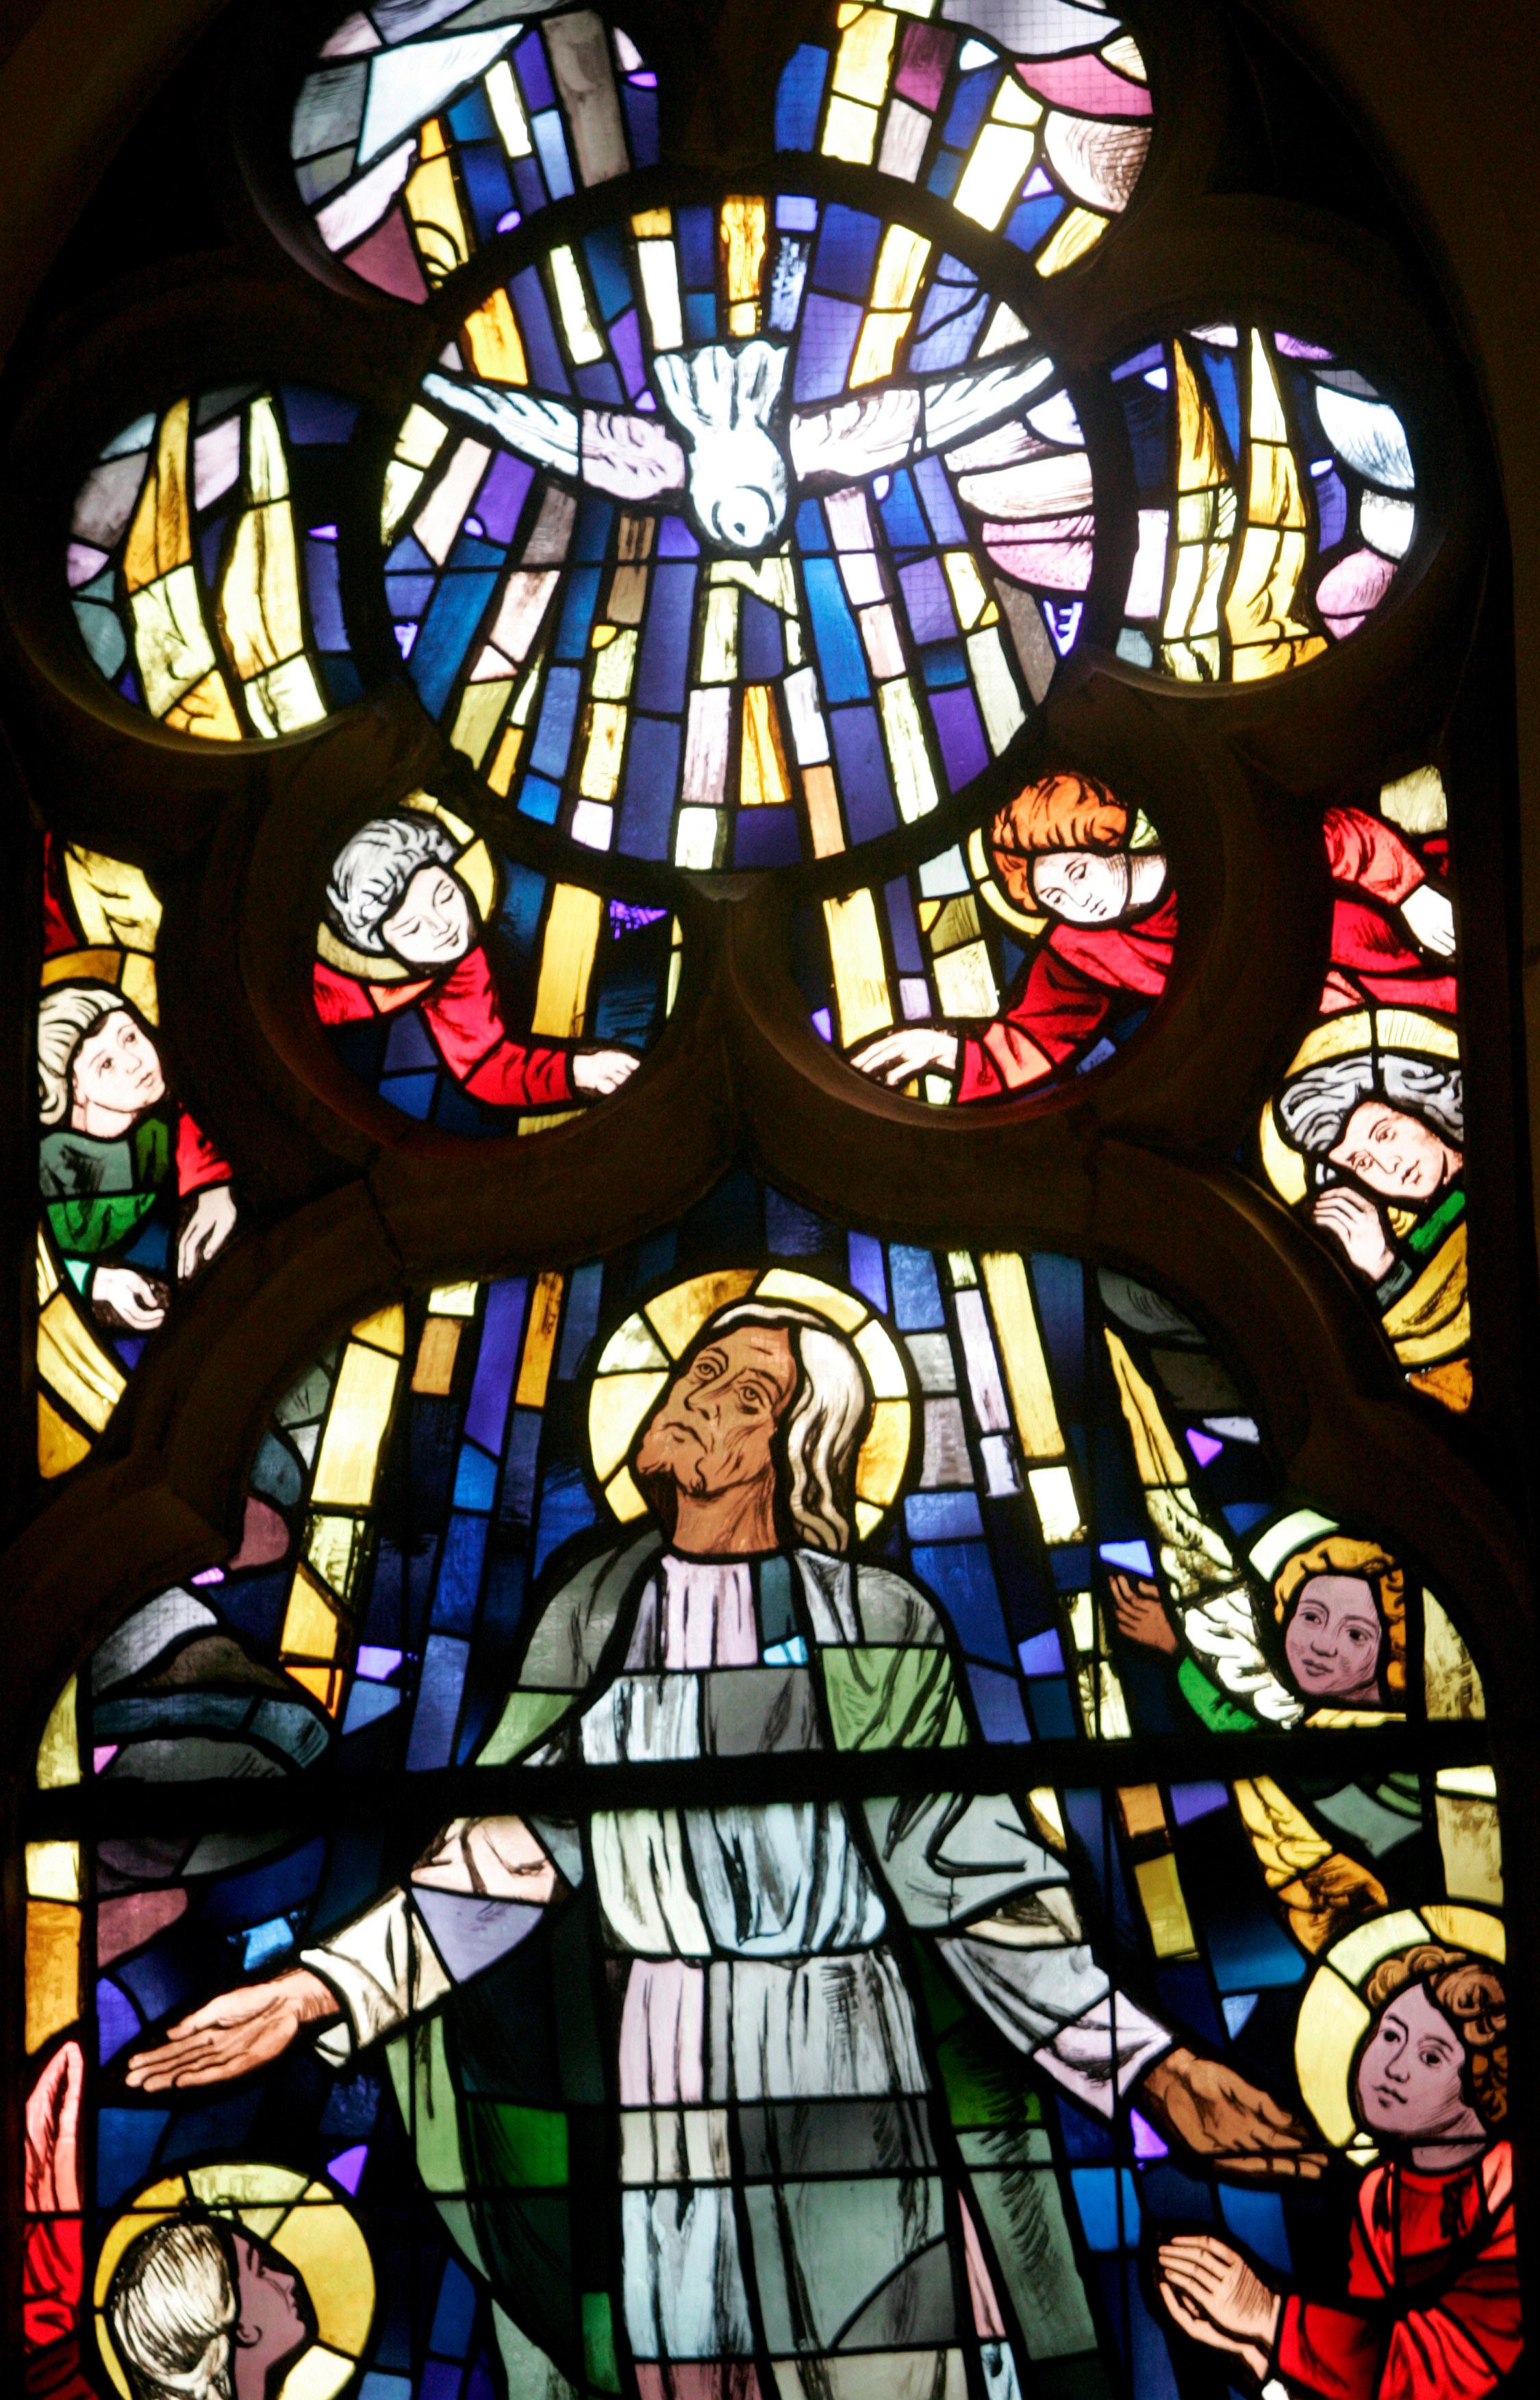 Darstellung von Christi Himmelfahrt mit Taube als Symbol des Heiligen Geistes in der Kreuzkirche in Herne. Die Fenster im Chorraum der Kirche entstanden 1951 bis 1953 nach Entwürfen des Malers Rudolf Fuchs. Die Kreuzkirche wurde im Dezember 1875 nach zwei Jahren Bauzeit eingeweiht.